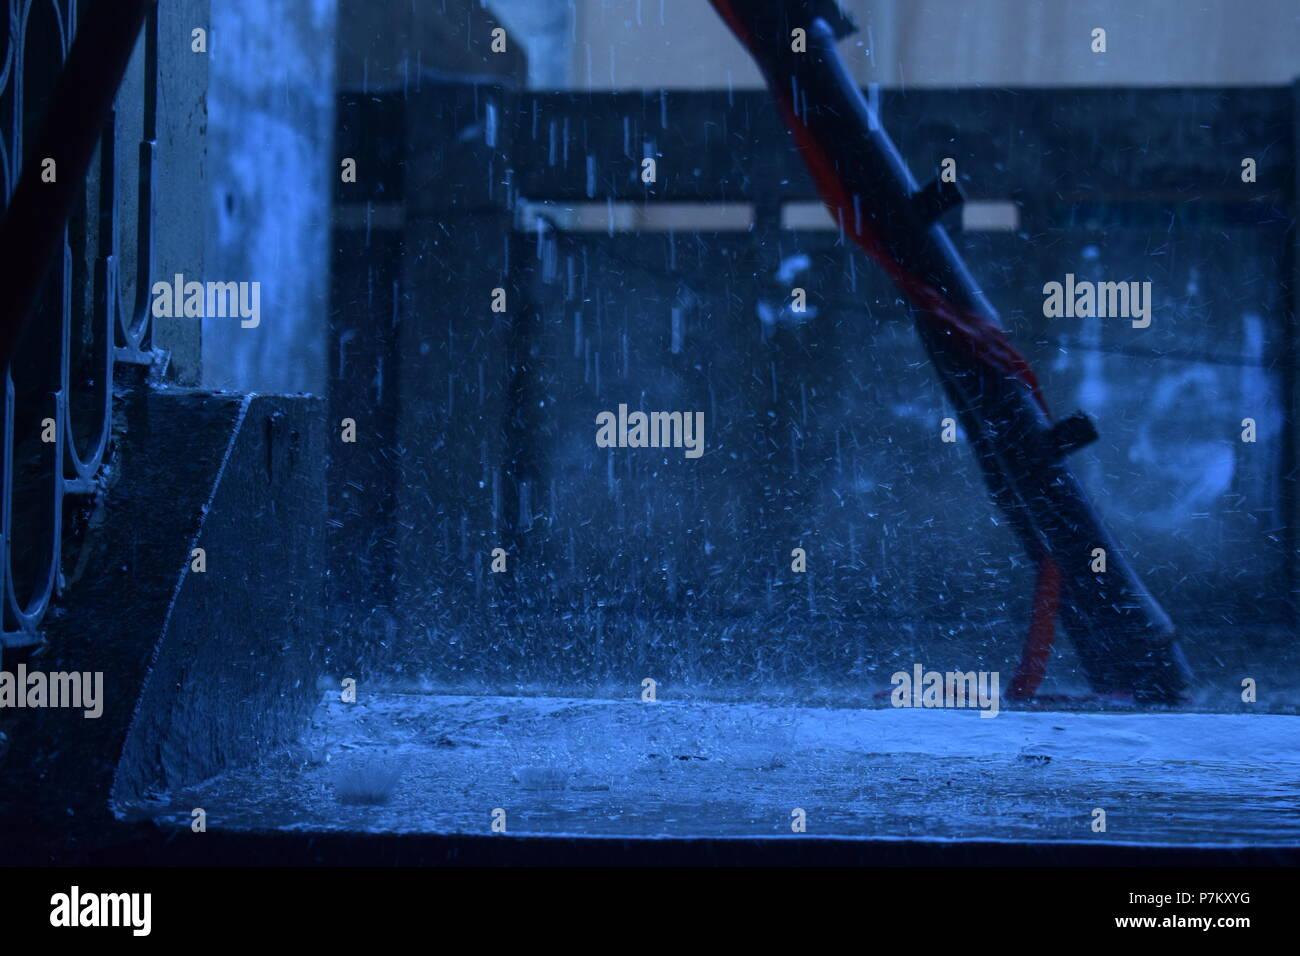 Heavy Rain Fall Stock Photo